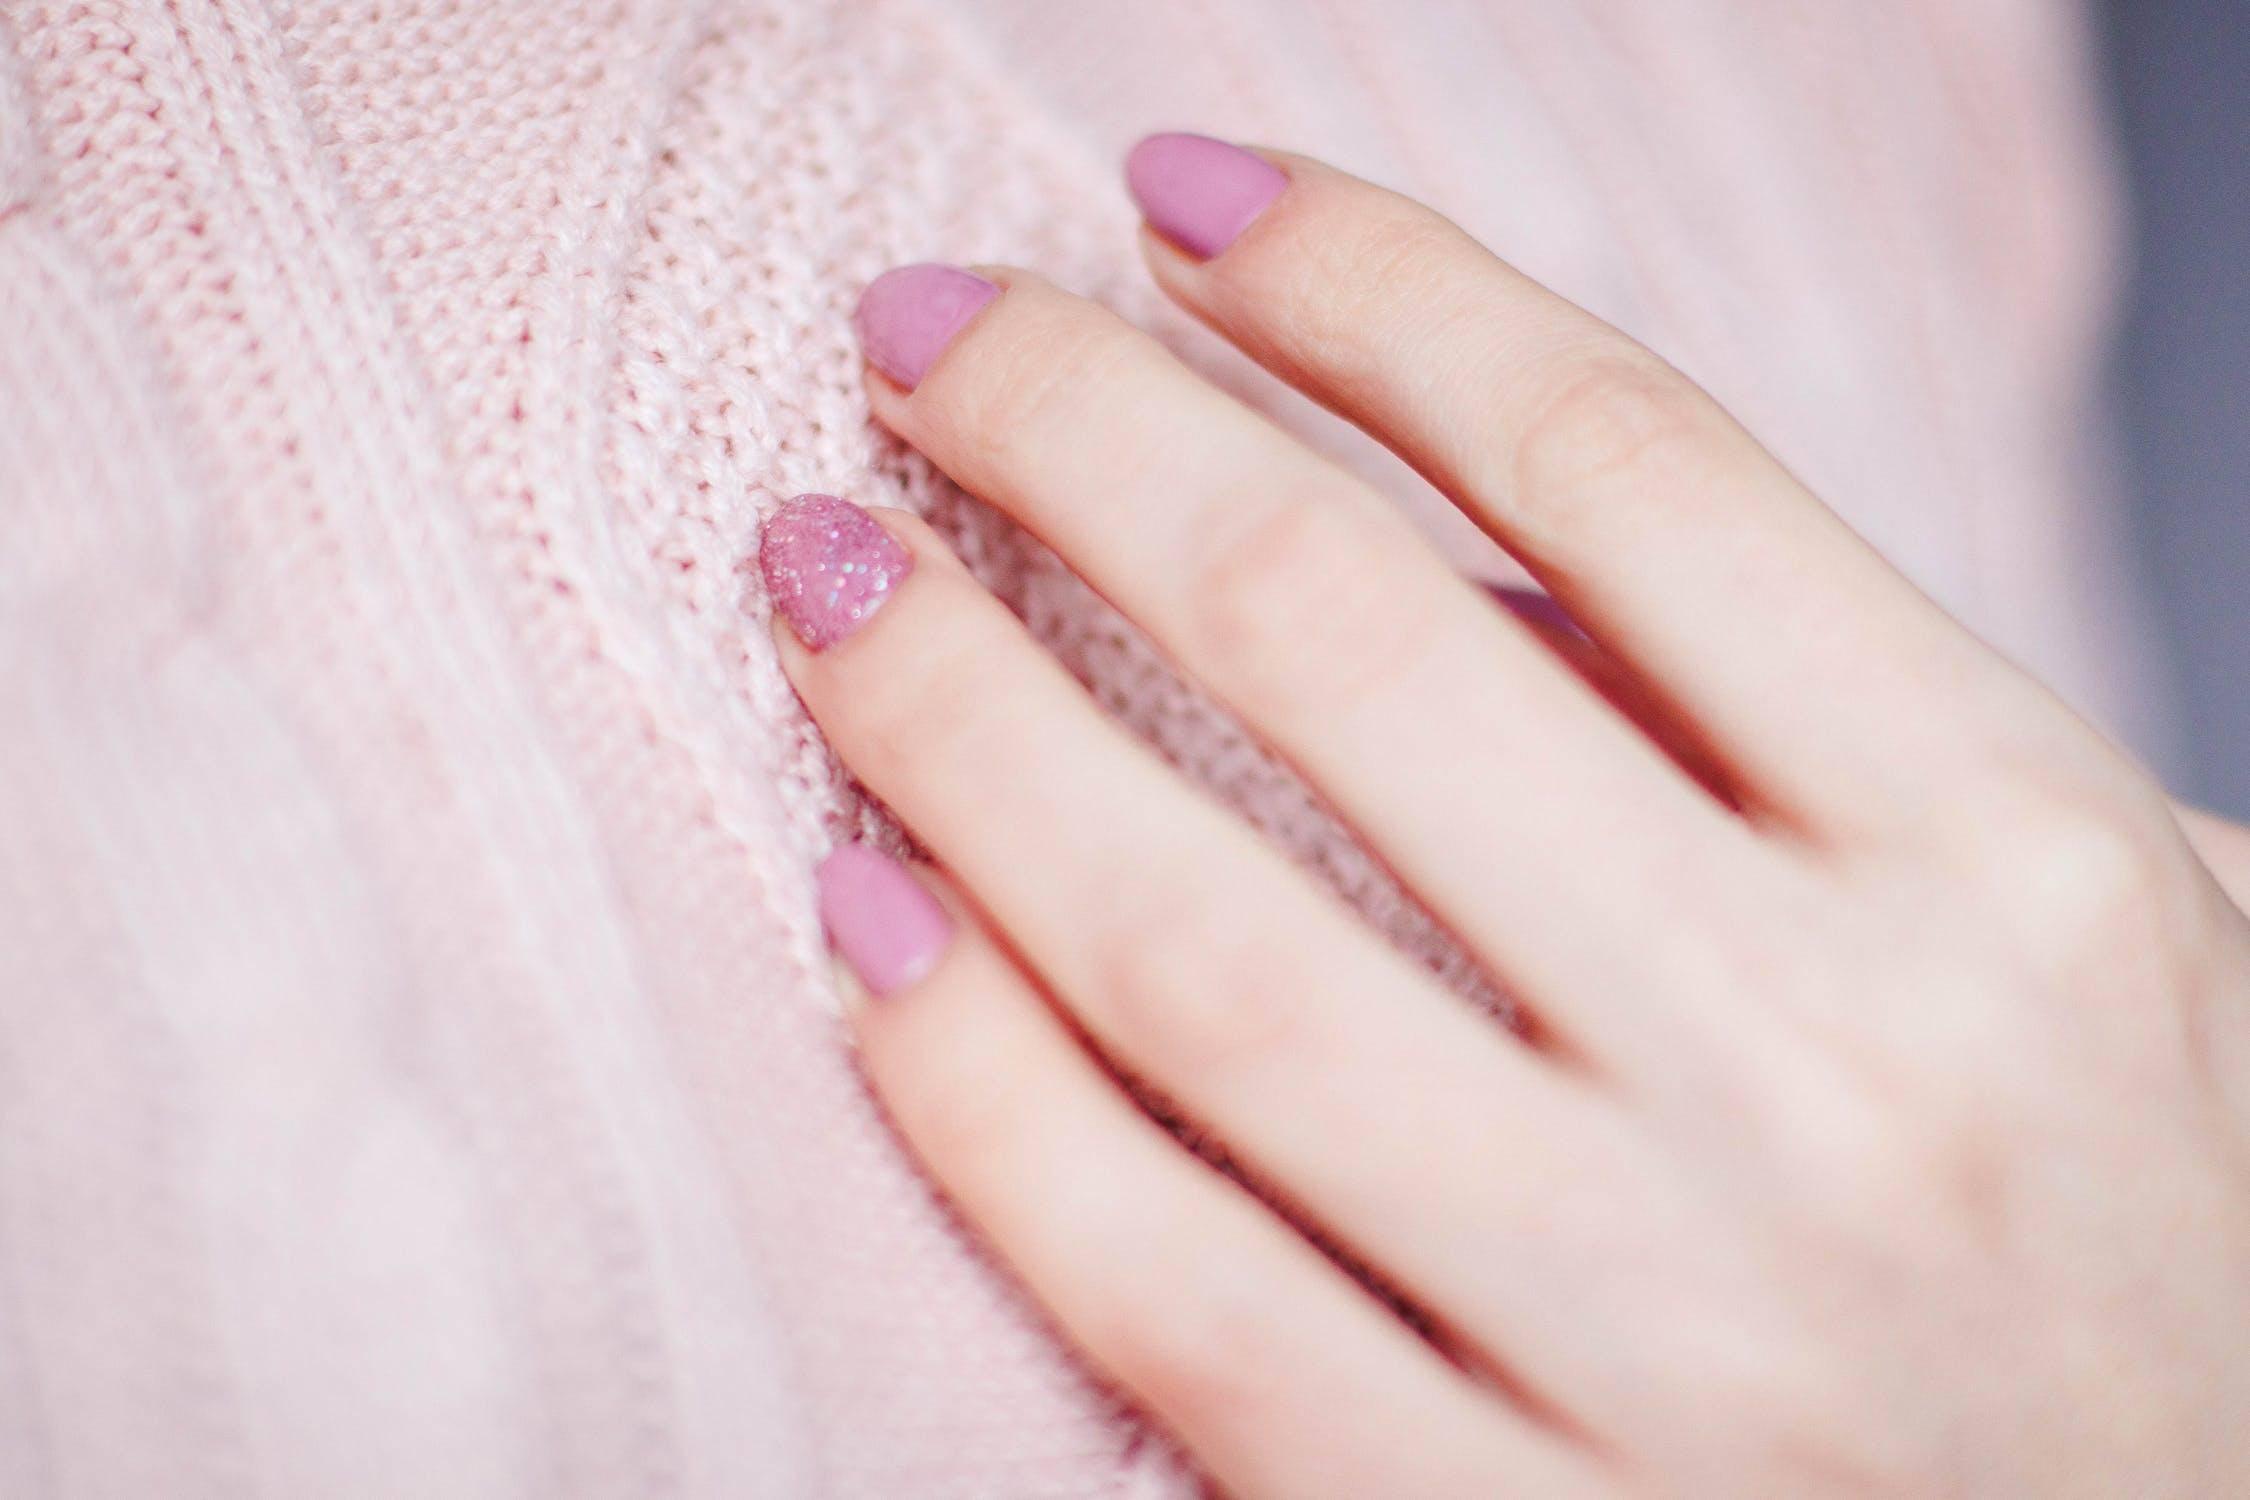 die kosmetikerin bei püppikram lackiert einer kundin die nägel mit shellac